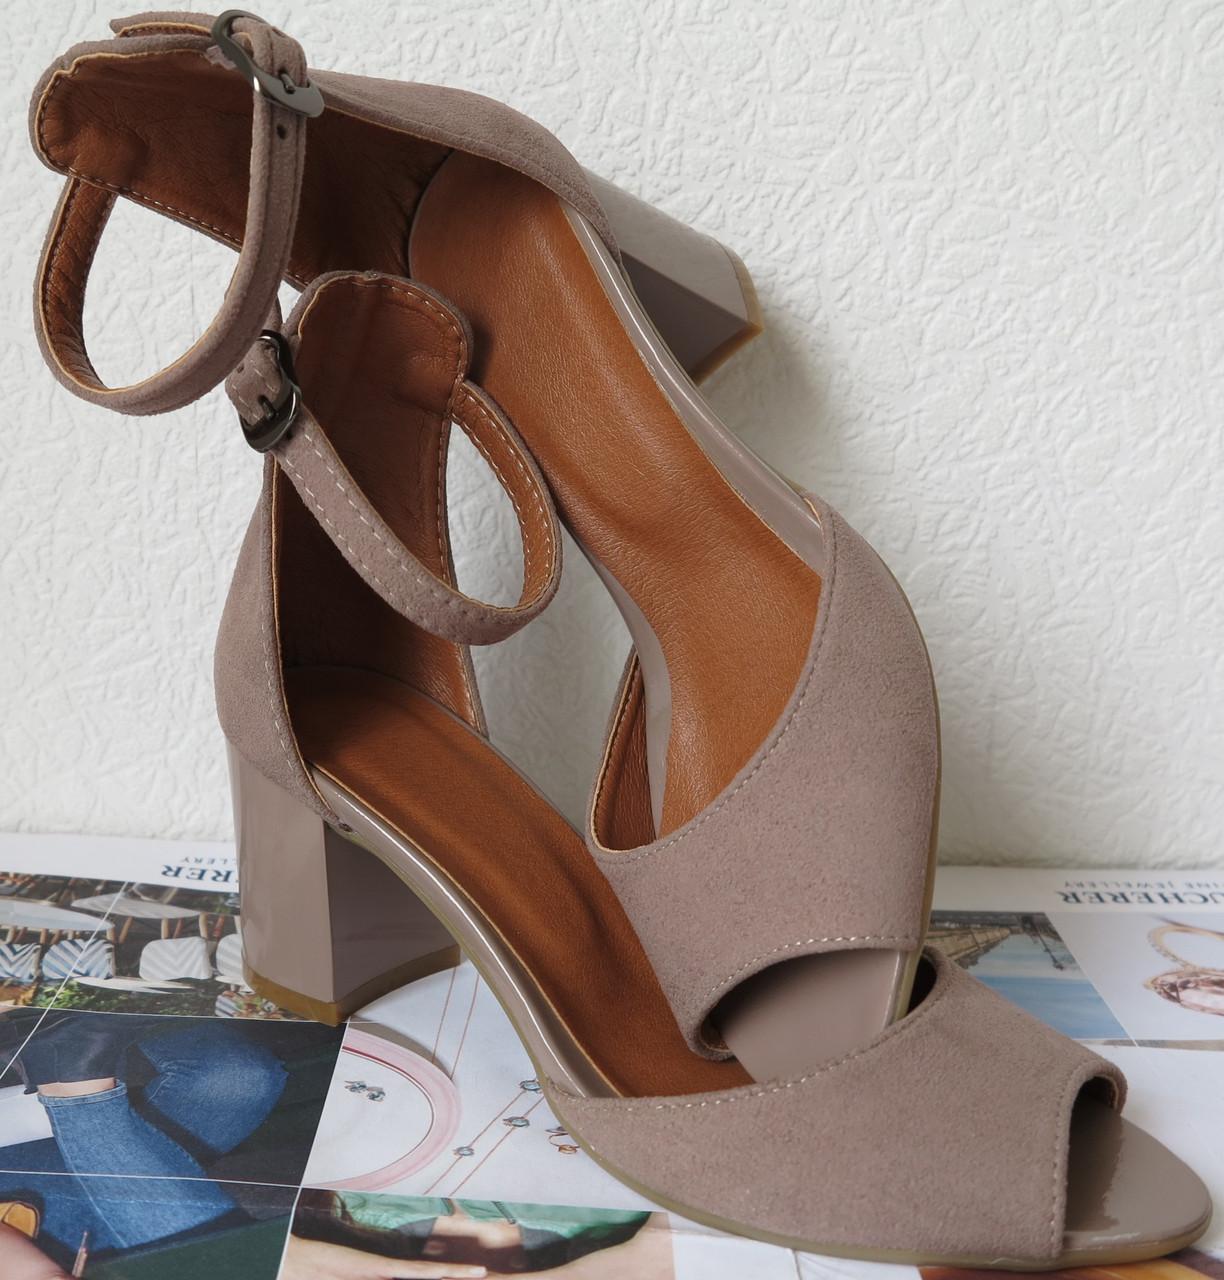 49dc58c733f6e1 Ніжні літні жіночі туфлі босоніжки каблук 6,5 см натуральна замша бежева  Goldi туфлі на